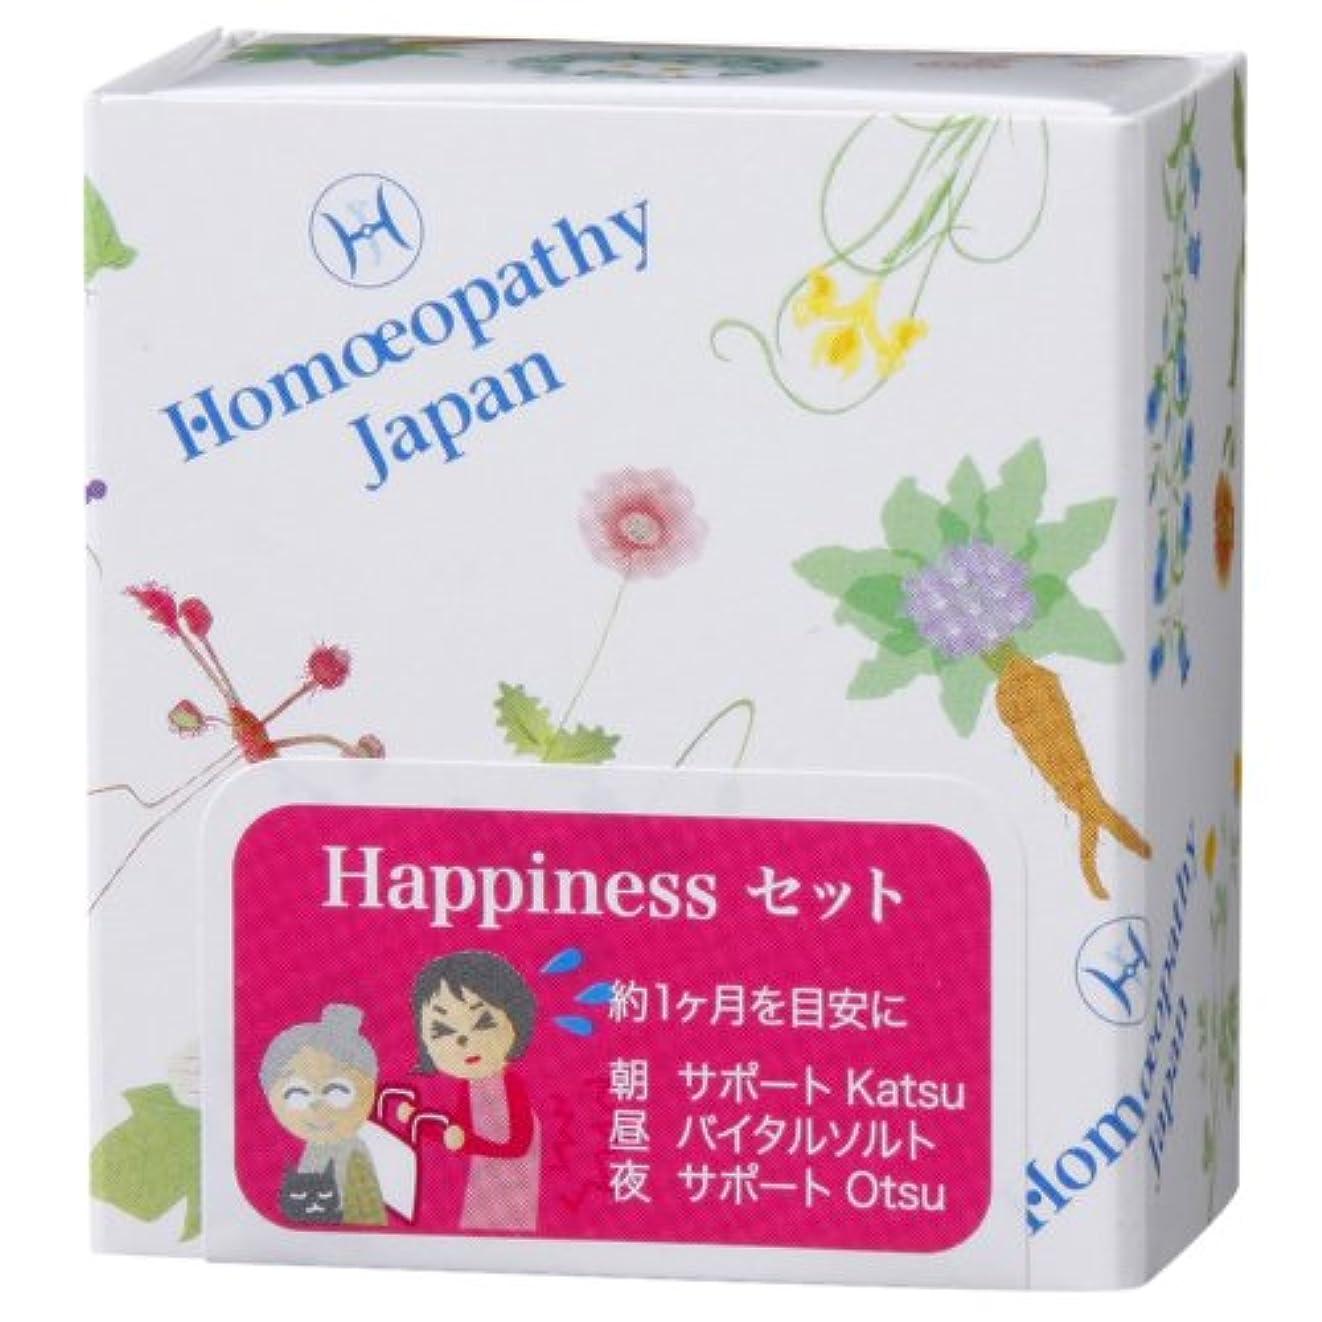 改善バック開発ホメオパシージャパンレメディー Happinessセット